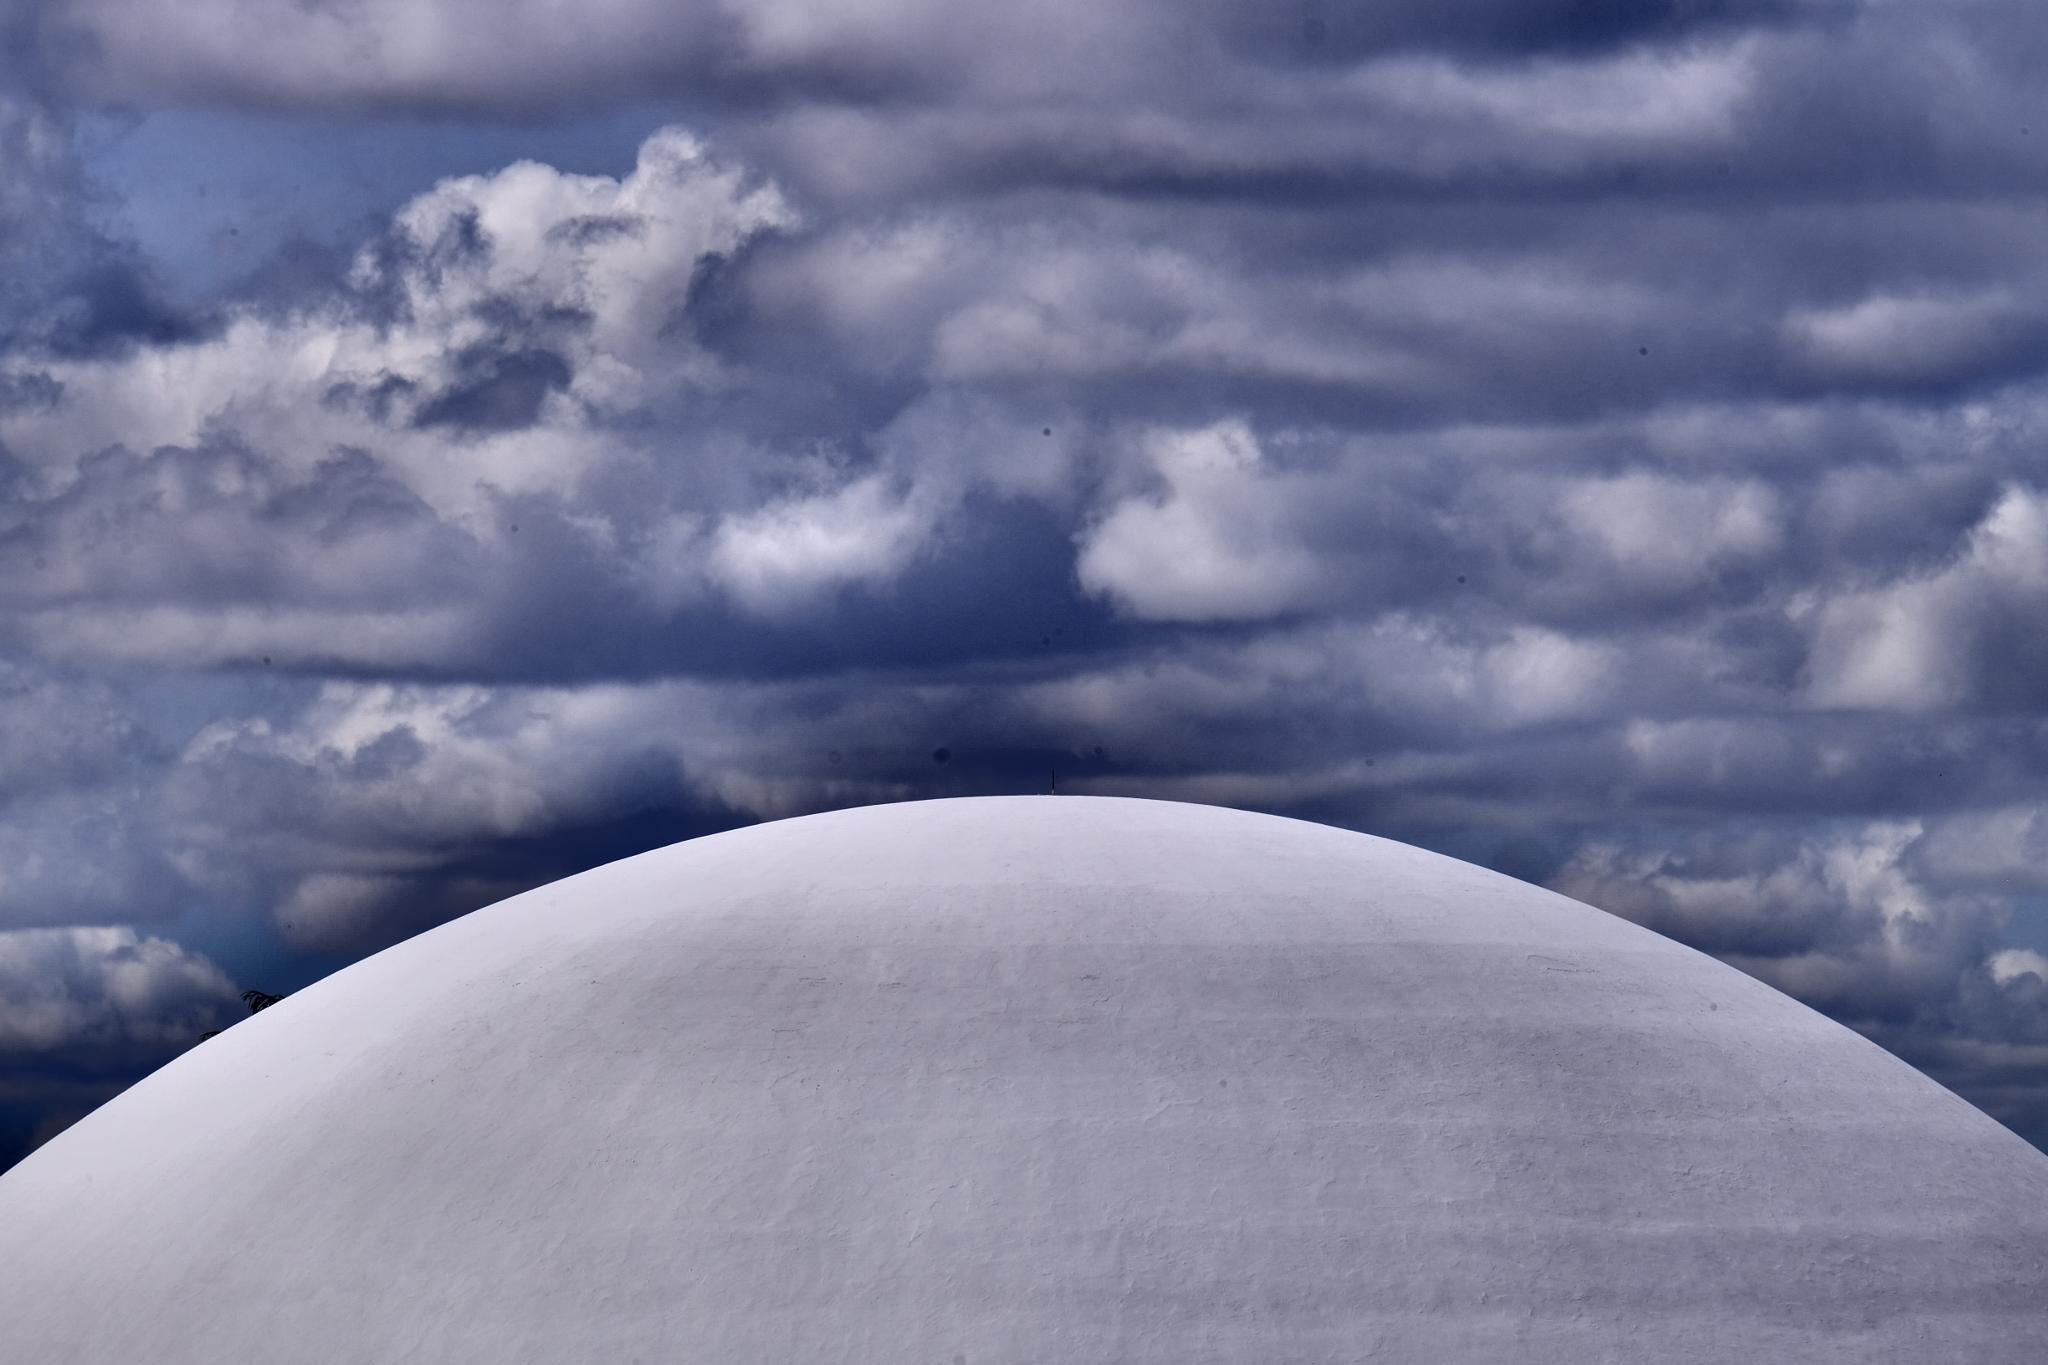 Ufo by Juergen Schmitz